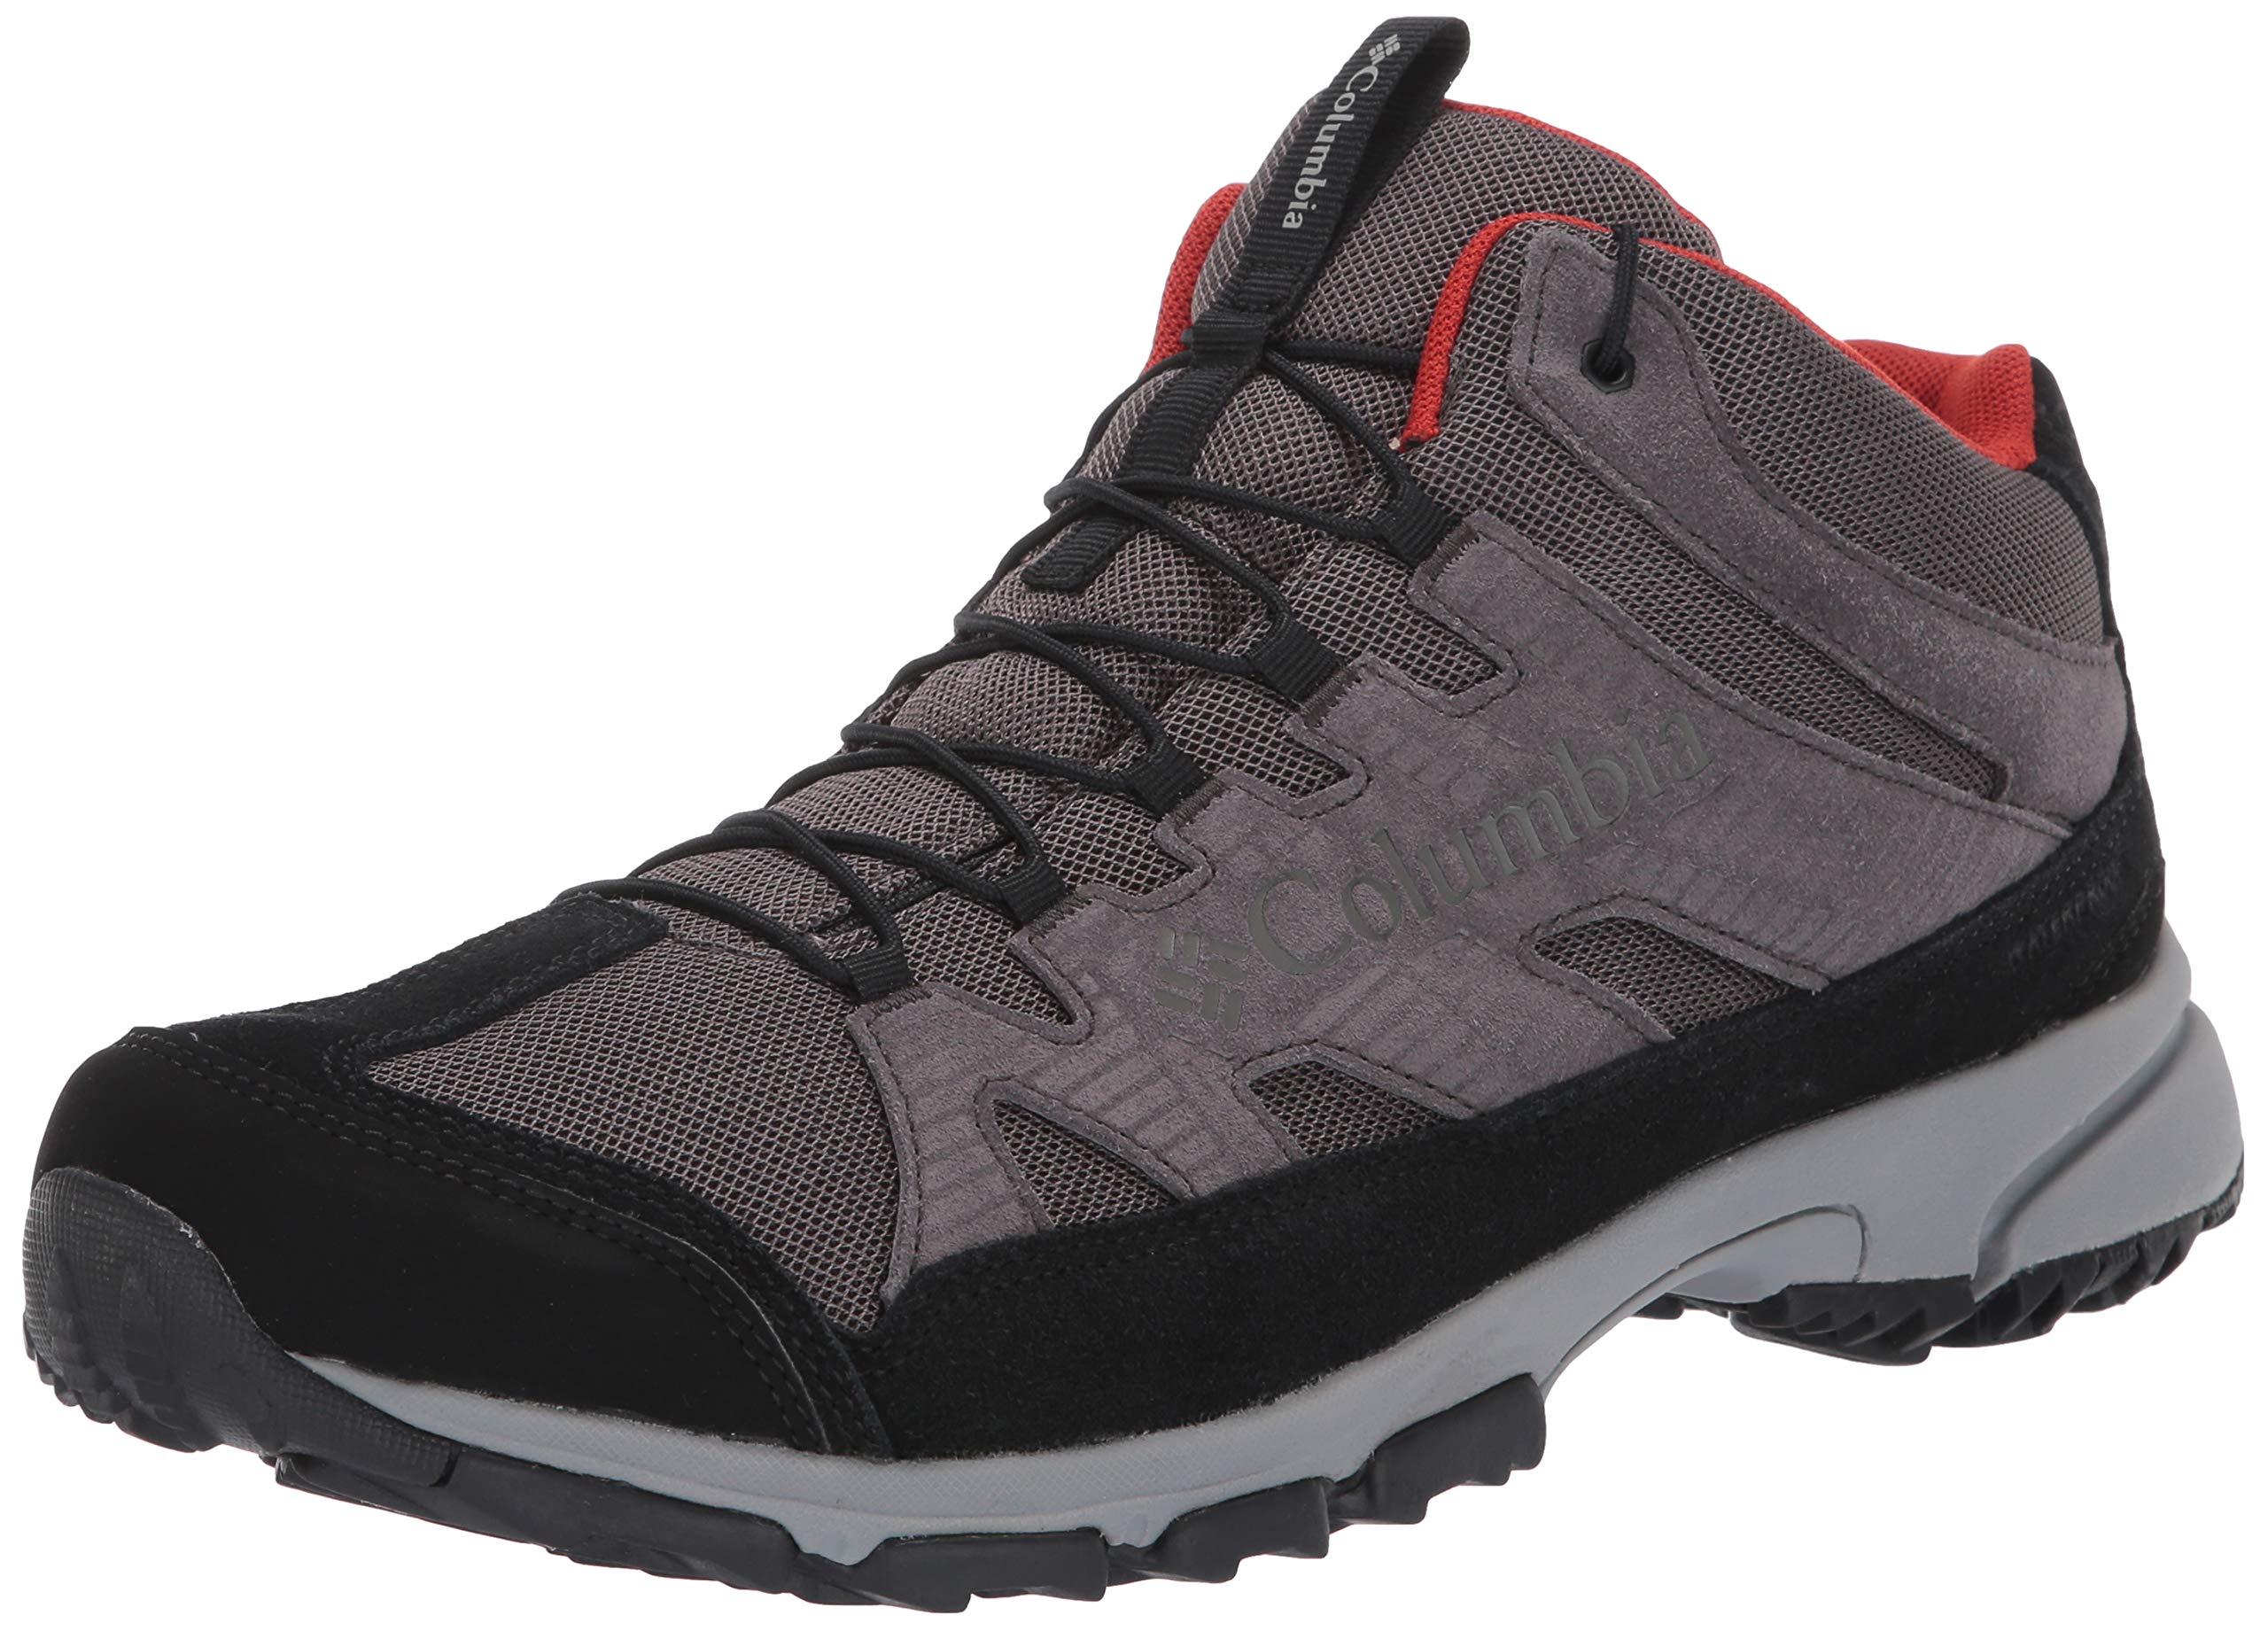 Columbia Men's Five Forks MID Waterproof Hiking Shoe, Dark Grey, Flame, 11 Regular US by Columbia